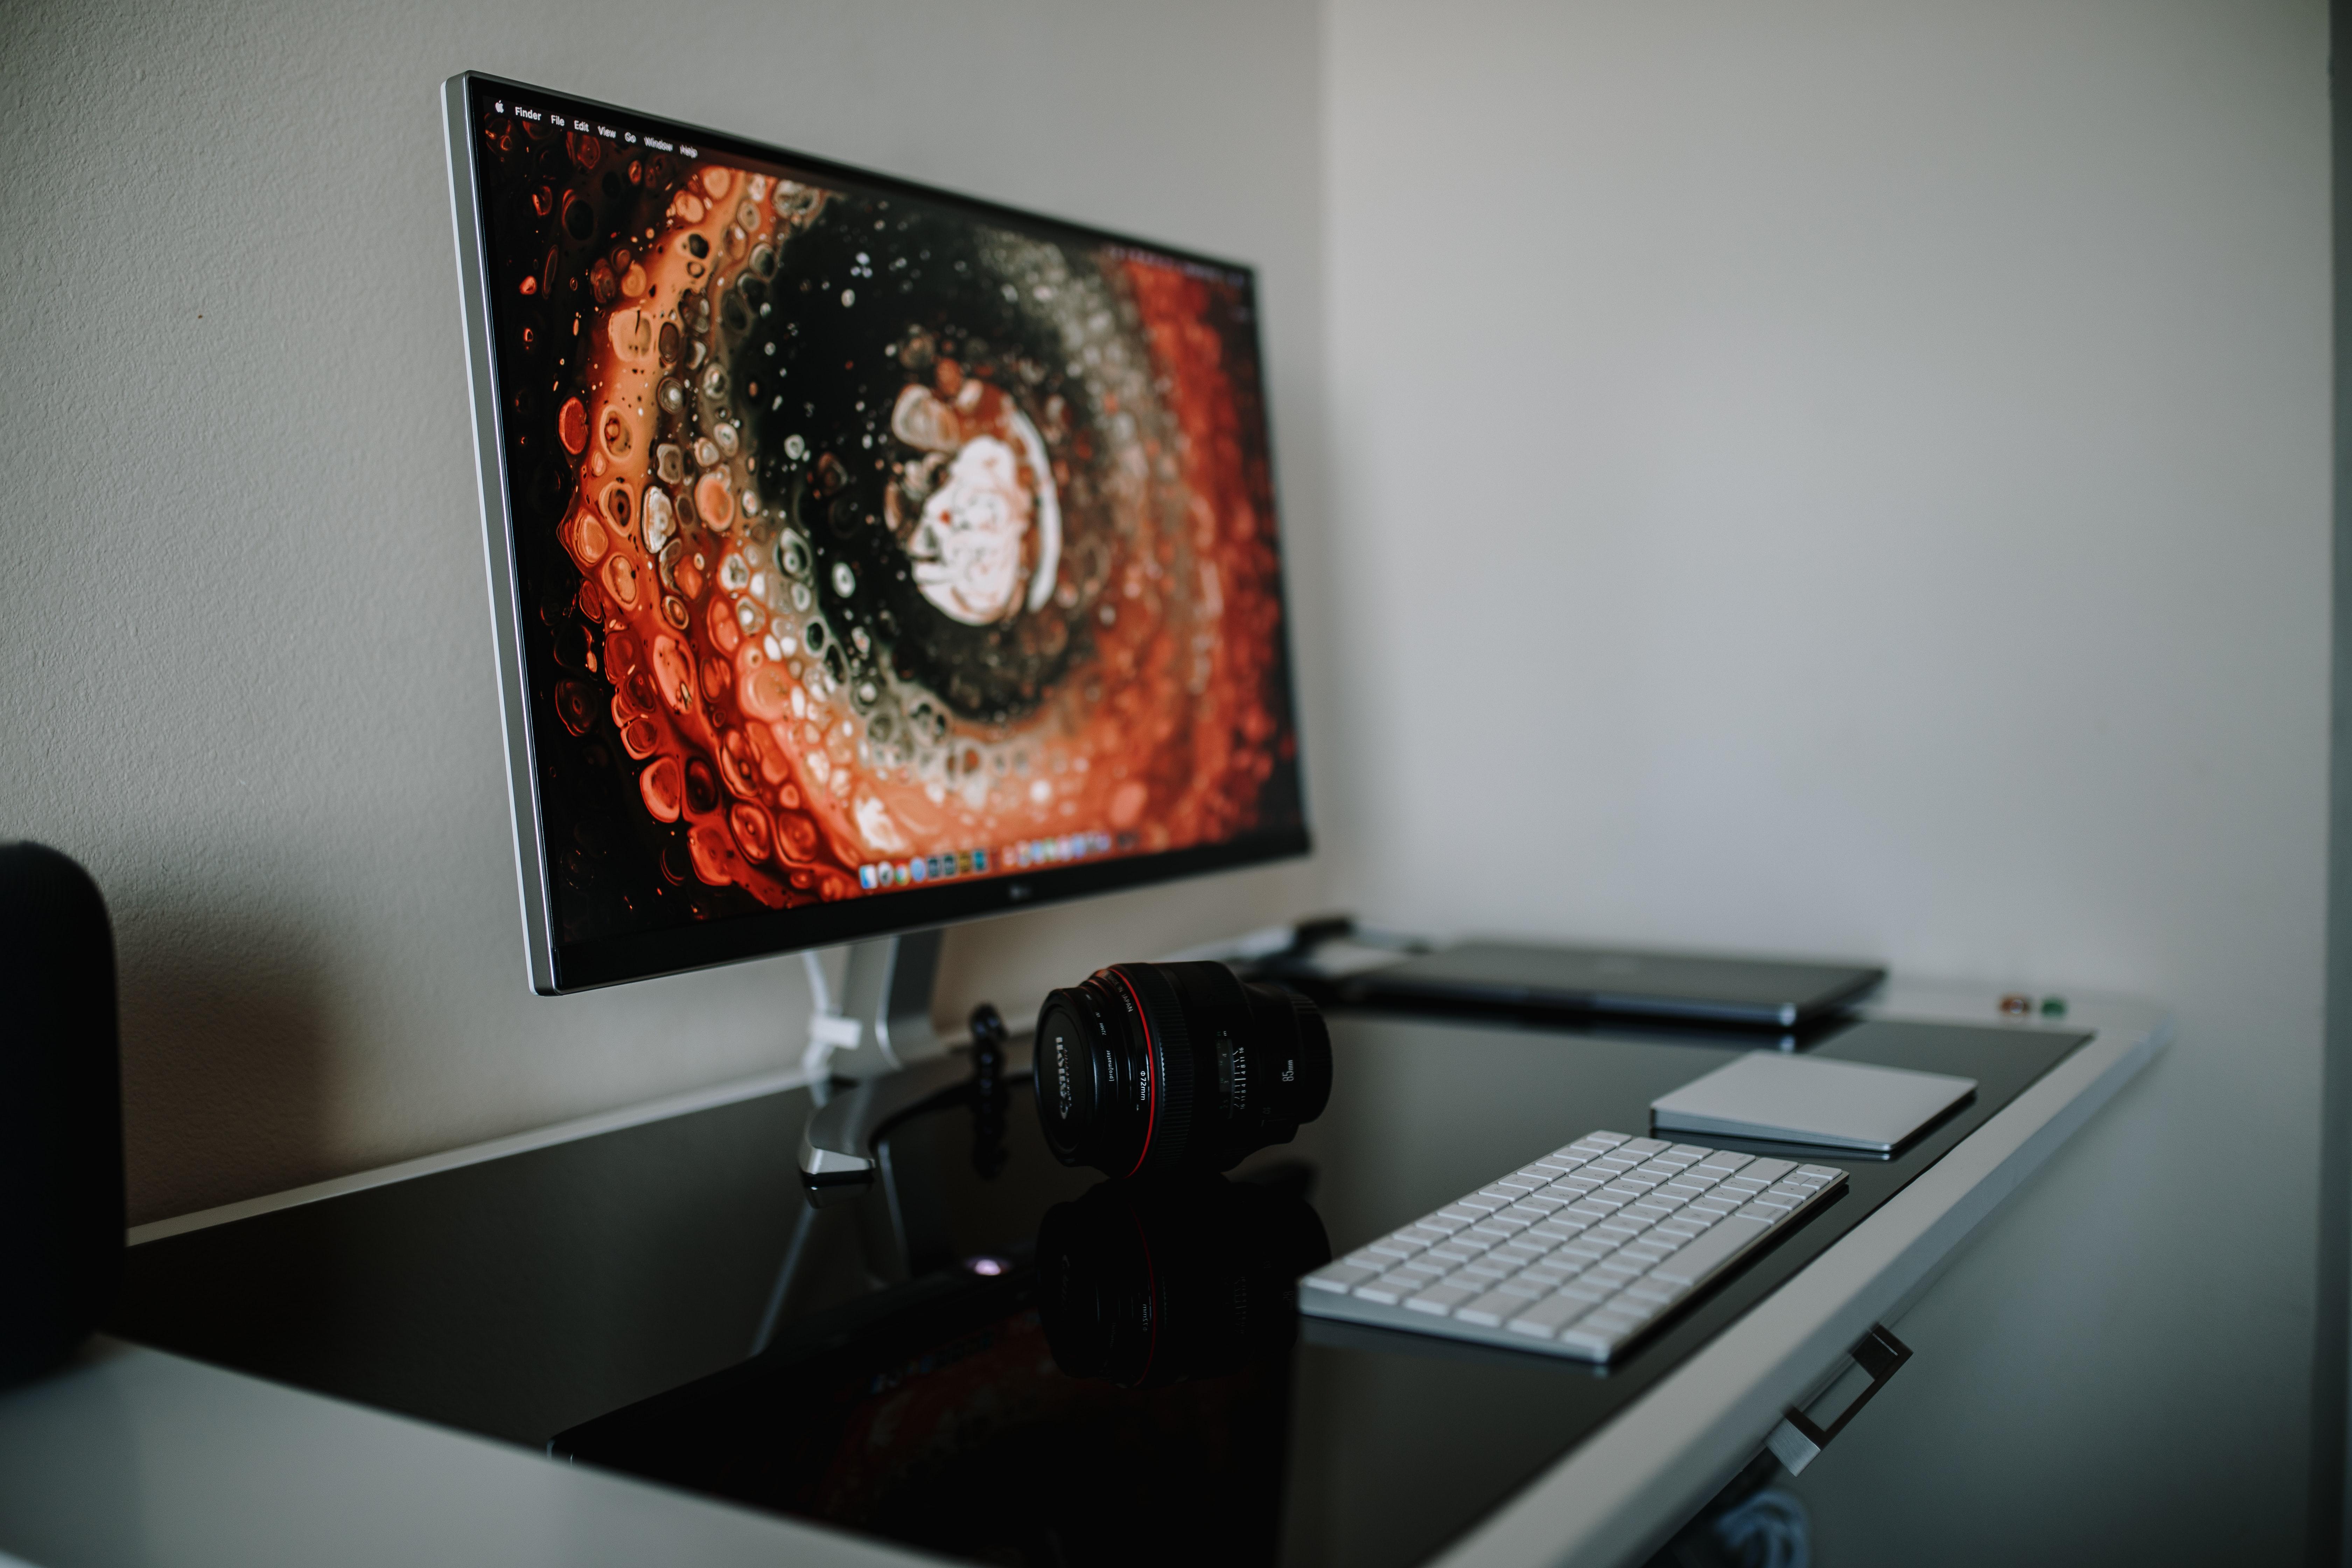 Desktop with computer display